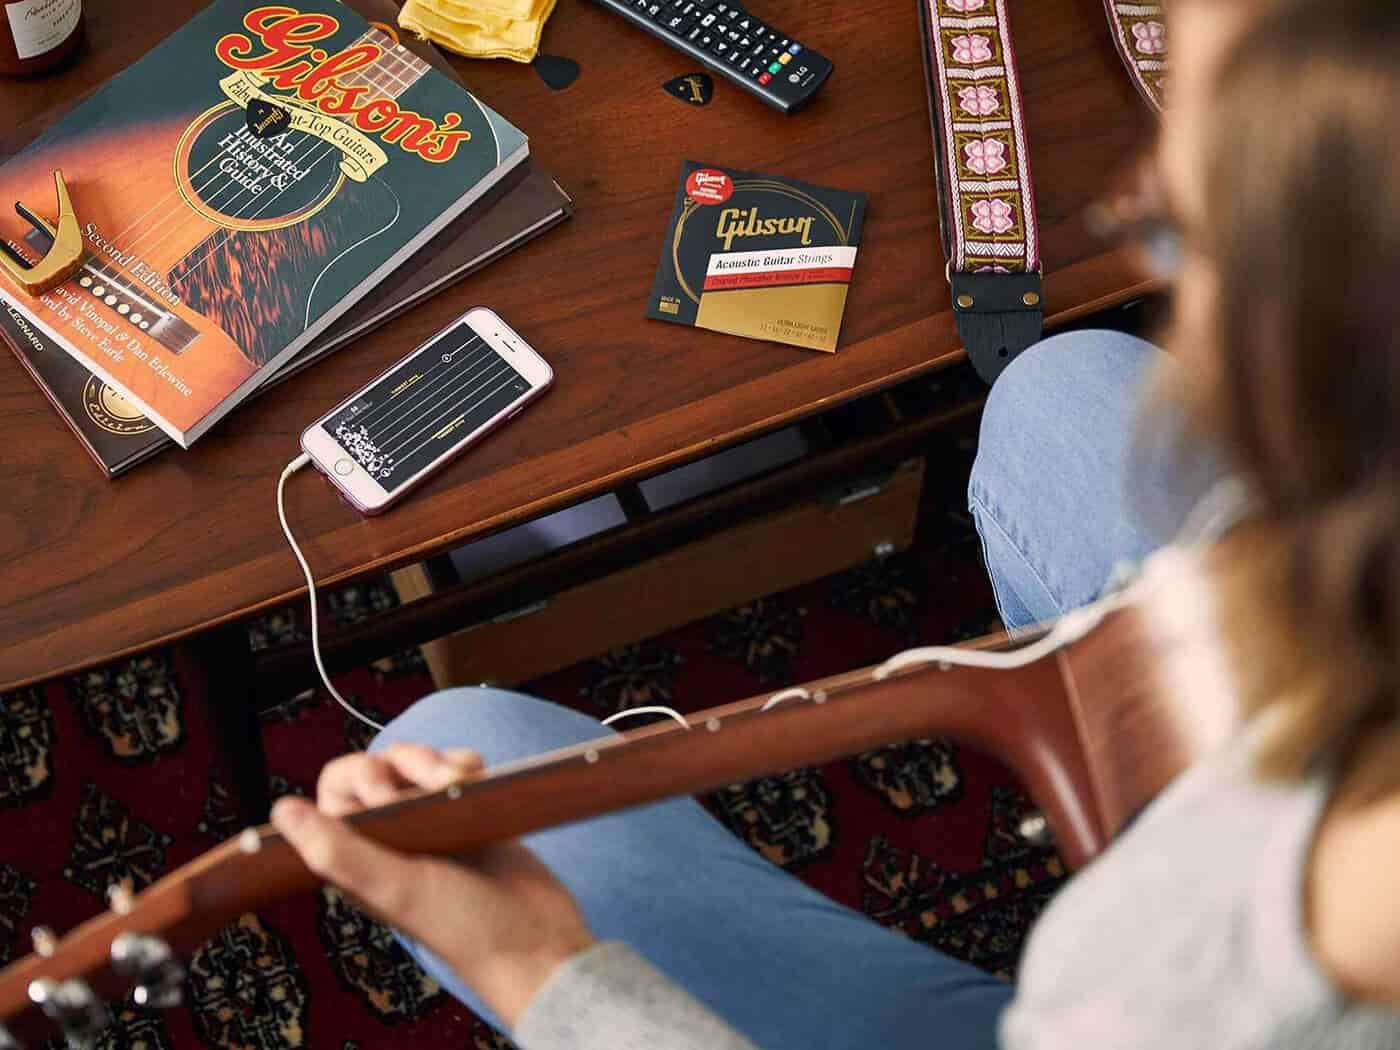 آموزش گیتار در اندروید